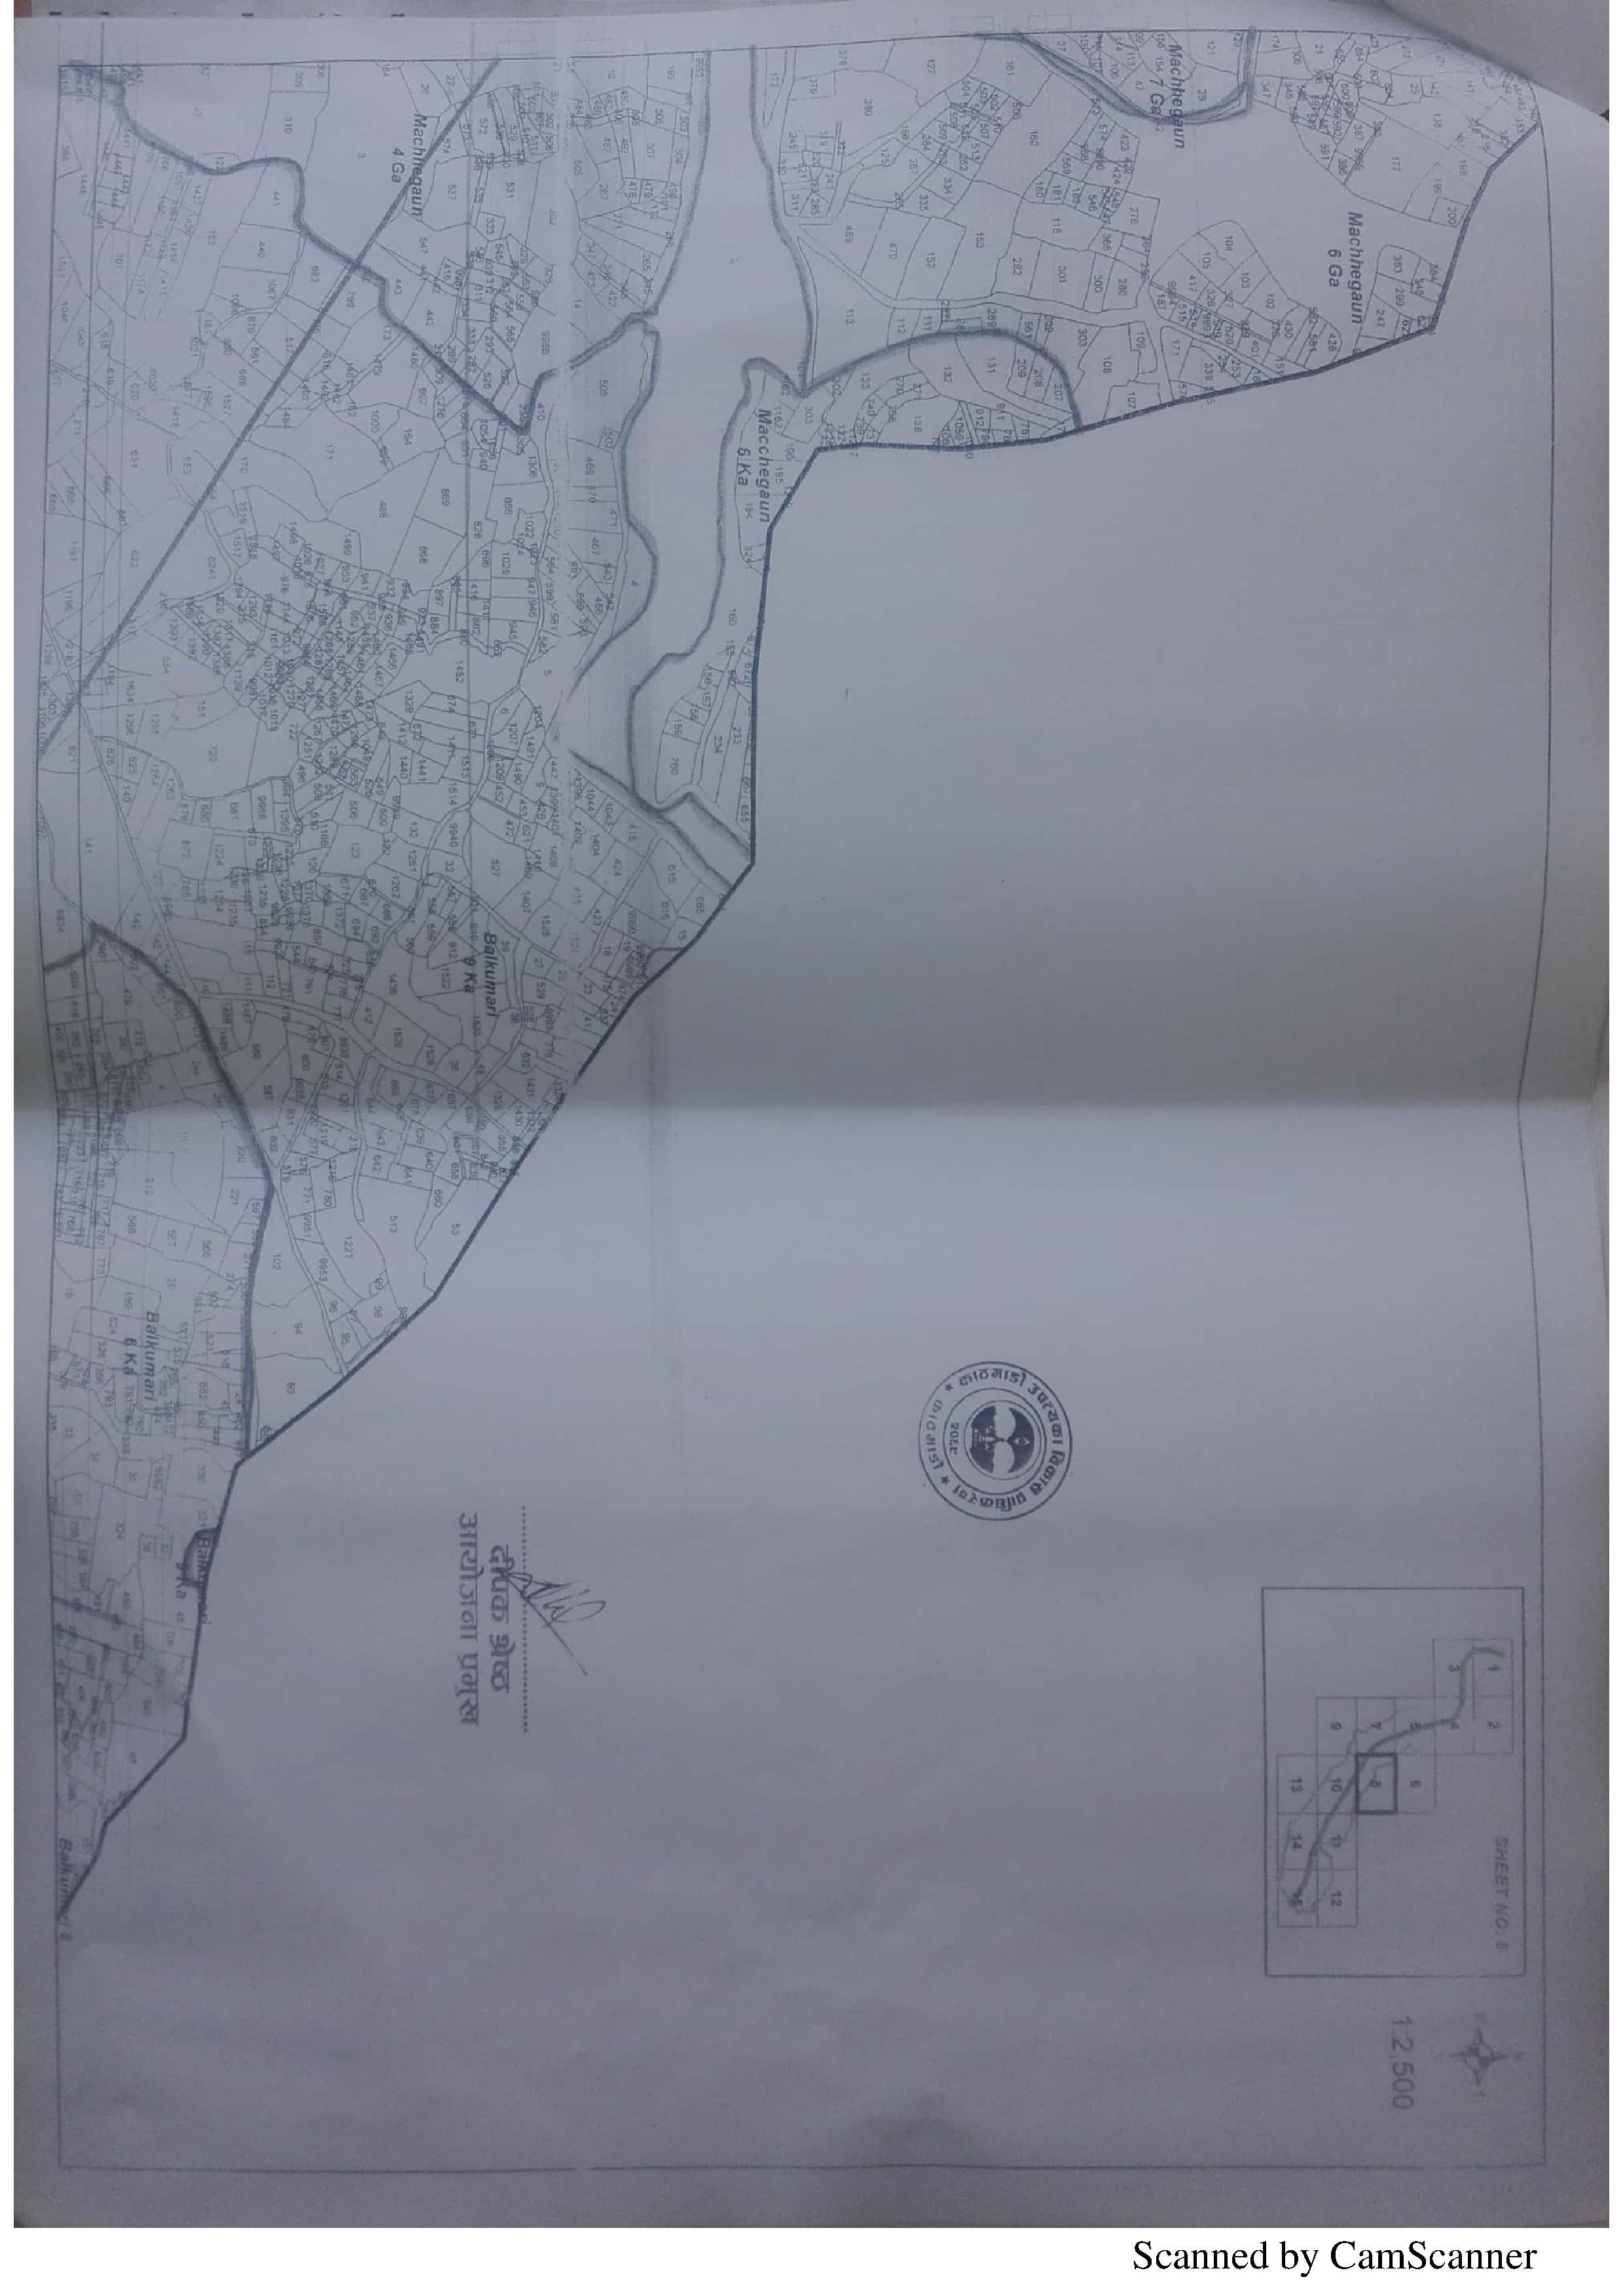 Chandragirinews outer-ring-road-7 बाहिरी चक्रपथको डि.पि.आर. (कित्ता न. सहित) तीनथाना दहचोक नगरपालिका नैकाप नयाँ भन्ज्यांग नैकाप पुरानो भन्ज्यांग बोसिंगाउँ ब्रेकिंग न्युज मछेगाउँ मातातिर्थ मुख्य राष्ट्रिय सतुंगल    chandragiri